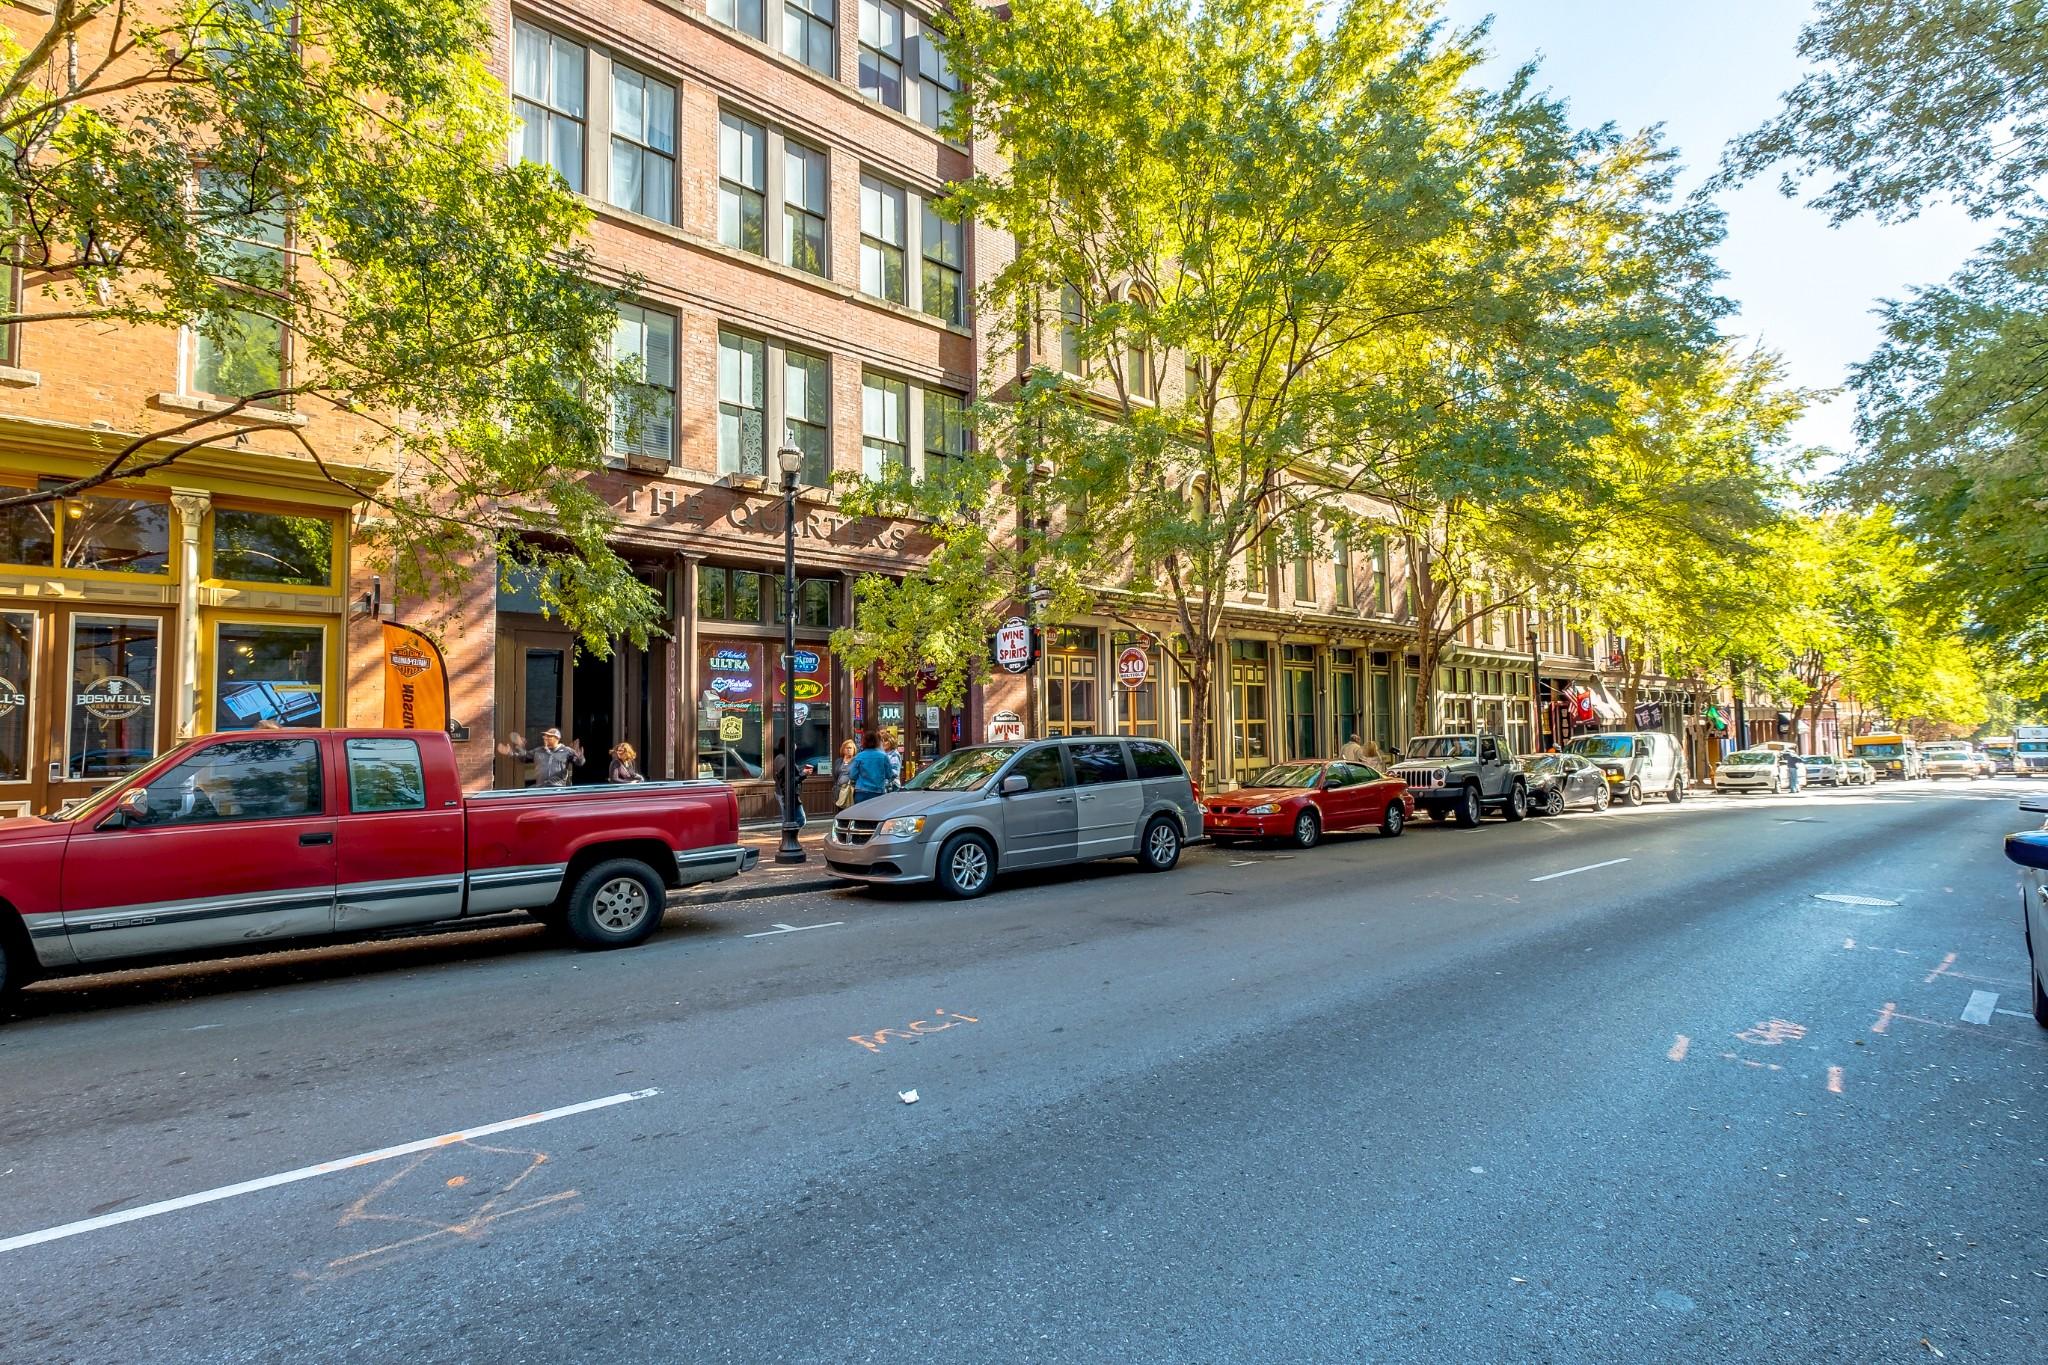 178 2nd Ave, N, Nashville, TN 37201 - Nashville, TN real estate listing